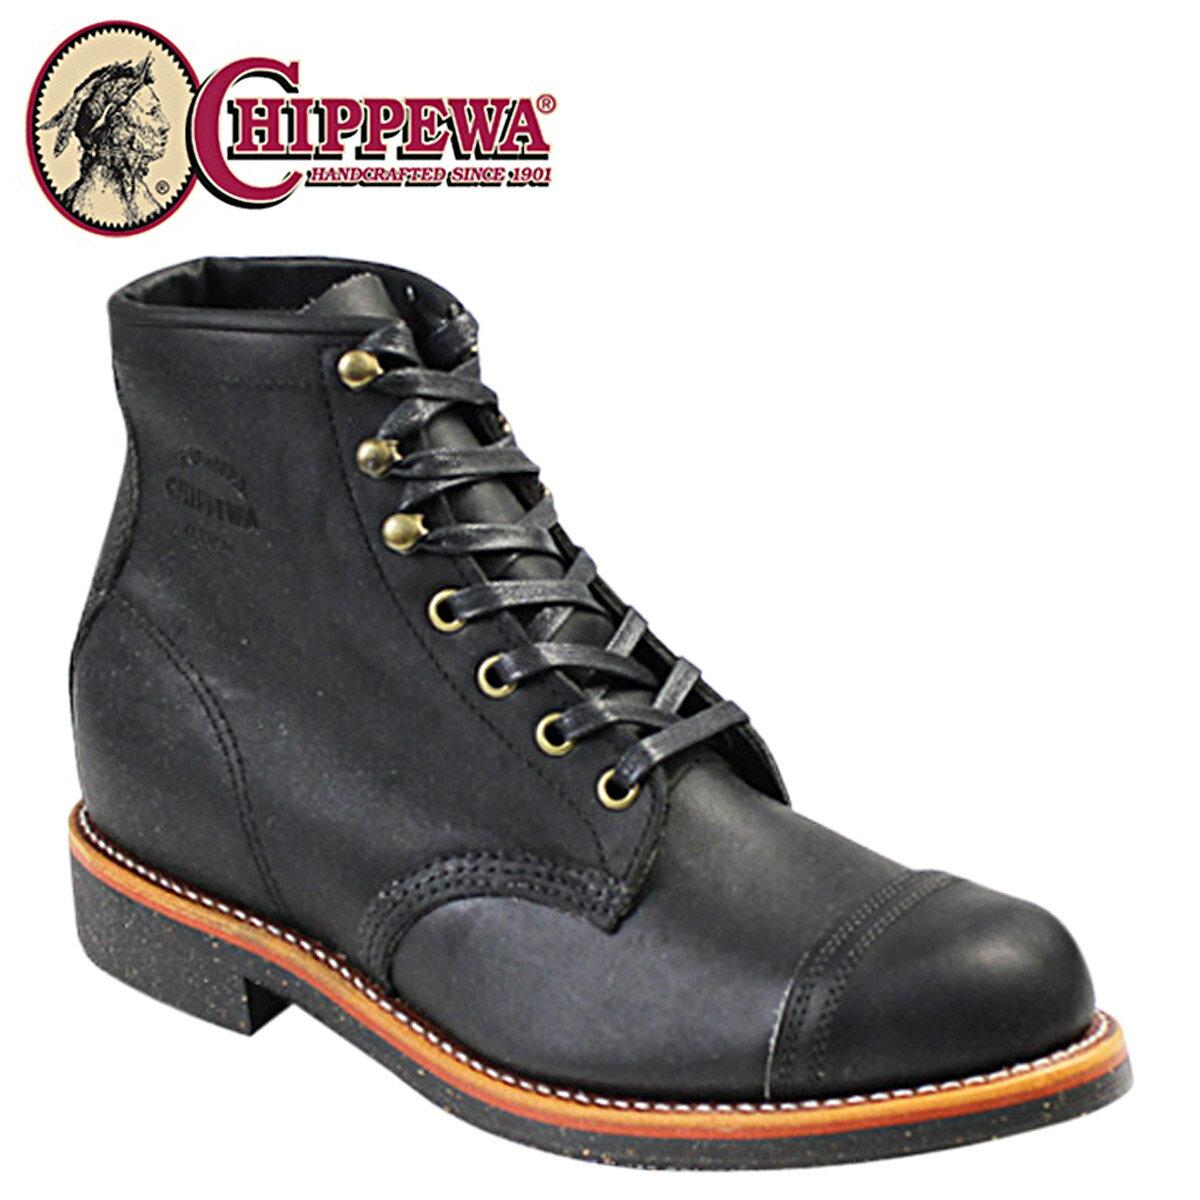 チペワ CHIPPEWA 6インチ ホームステッド ブーツ ブラック 1901M31 6INCH HOMESTEAD BOOT Dワイズ レザー メンズ [12/15 再入荷]